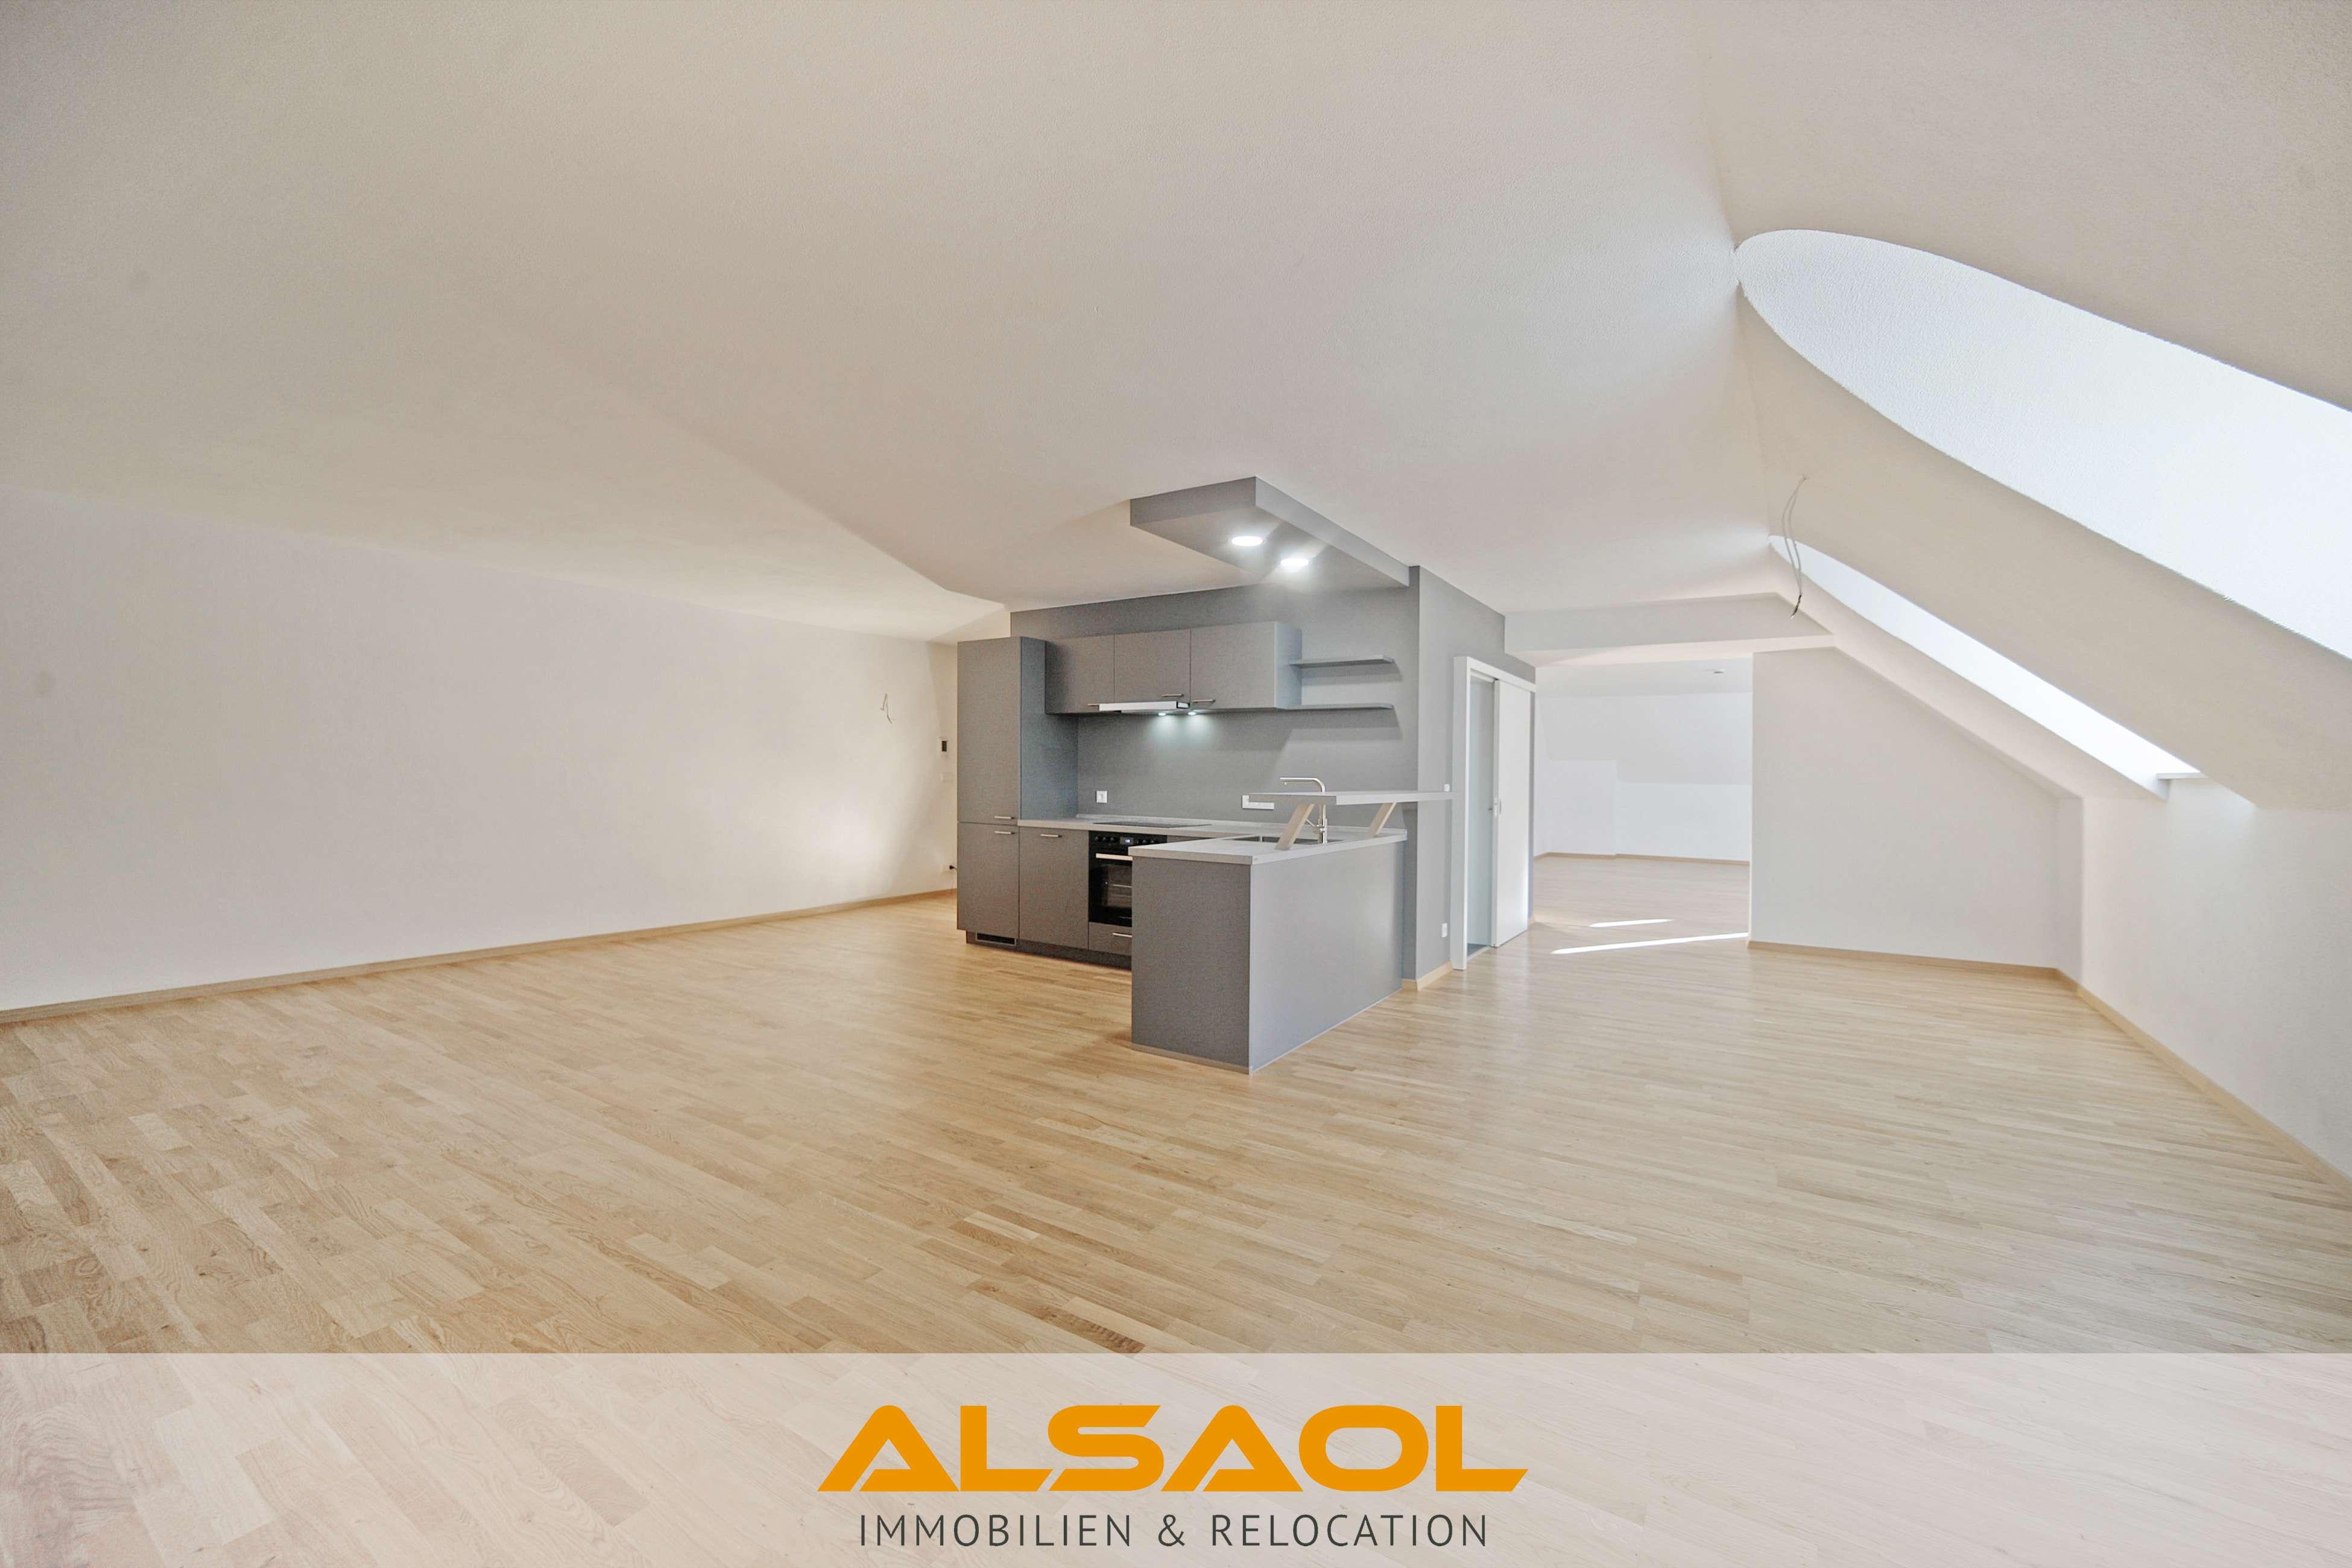 ALSAOL Immobilien: Besonders Wohnen in Moosburg an der Isar - saniertes Loft mit Altbau-Flair! in